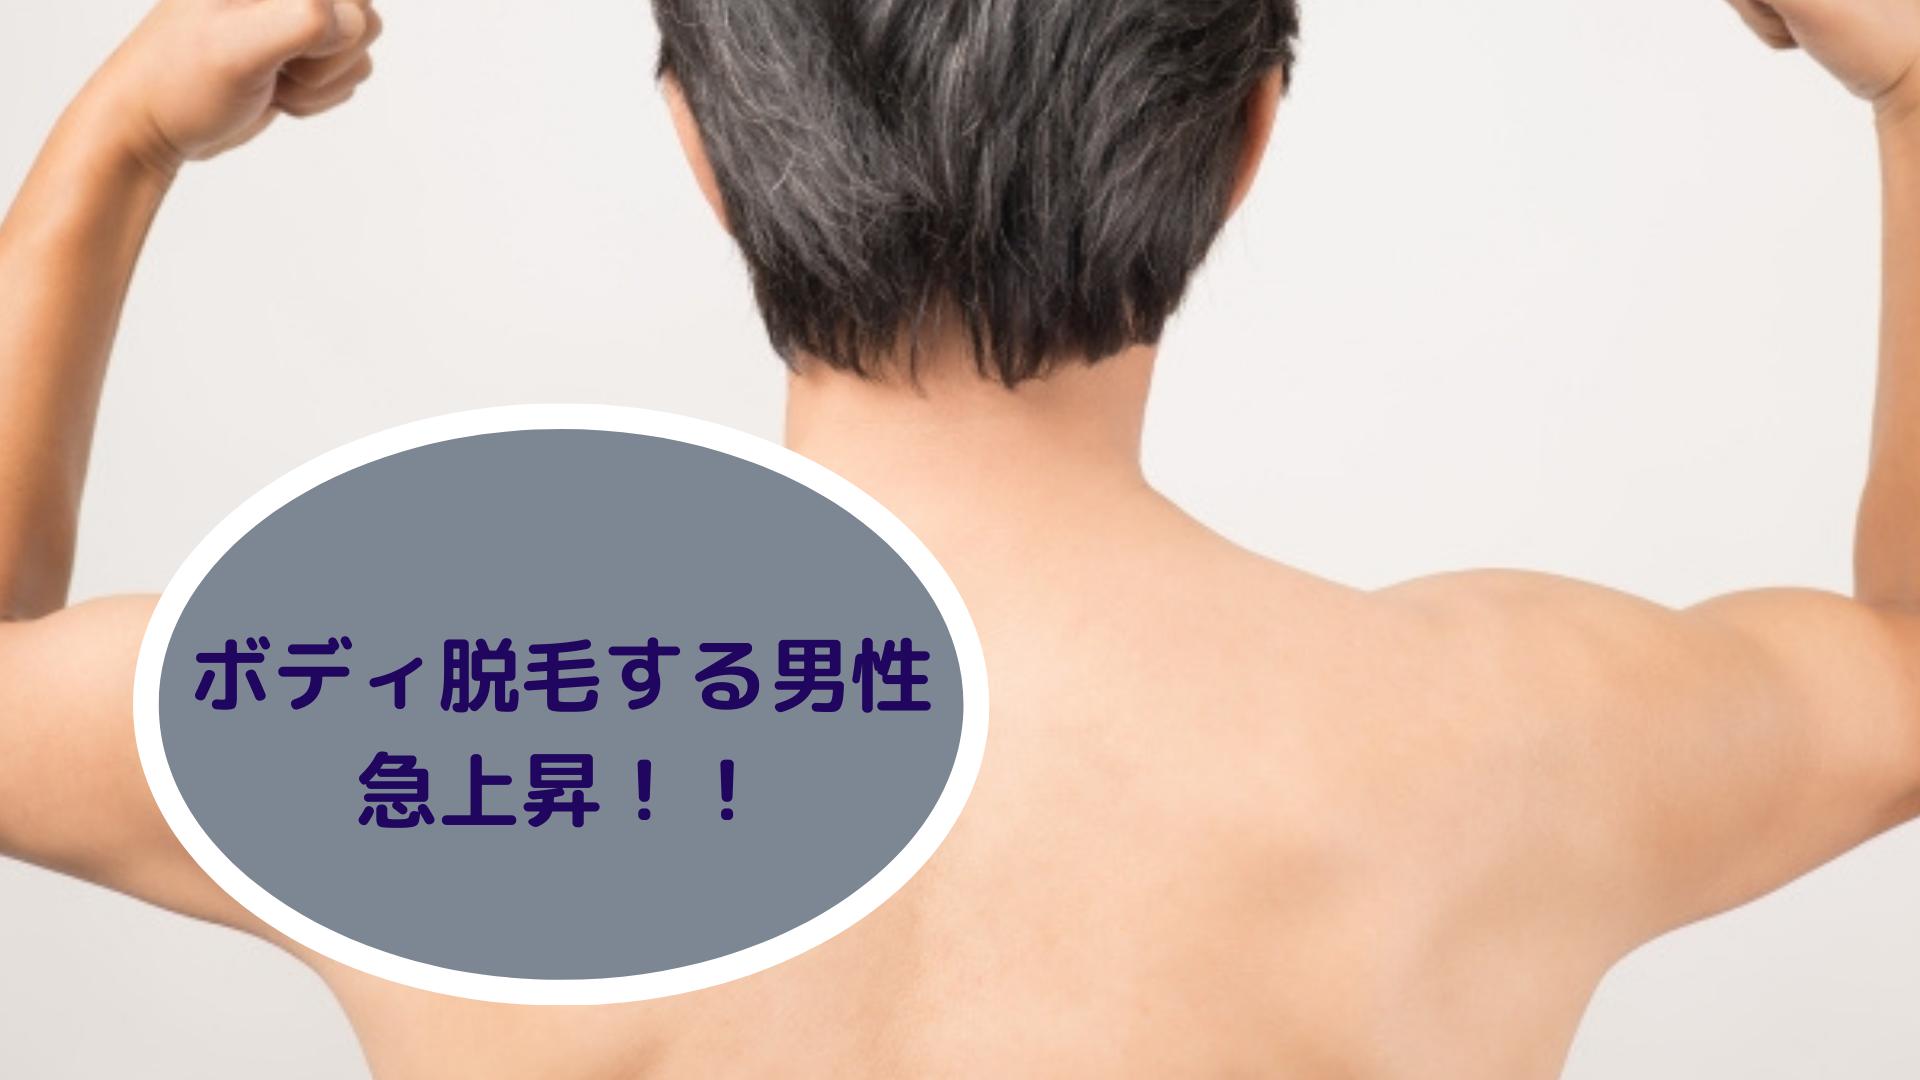 ボディ脱毛する男性急上昇!!